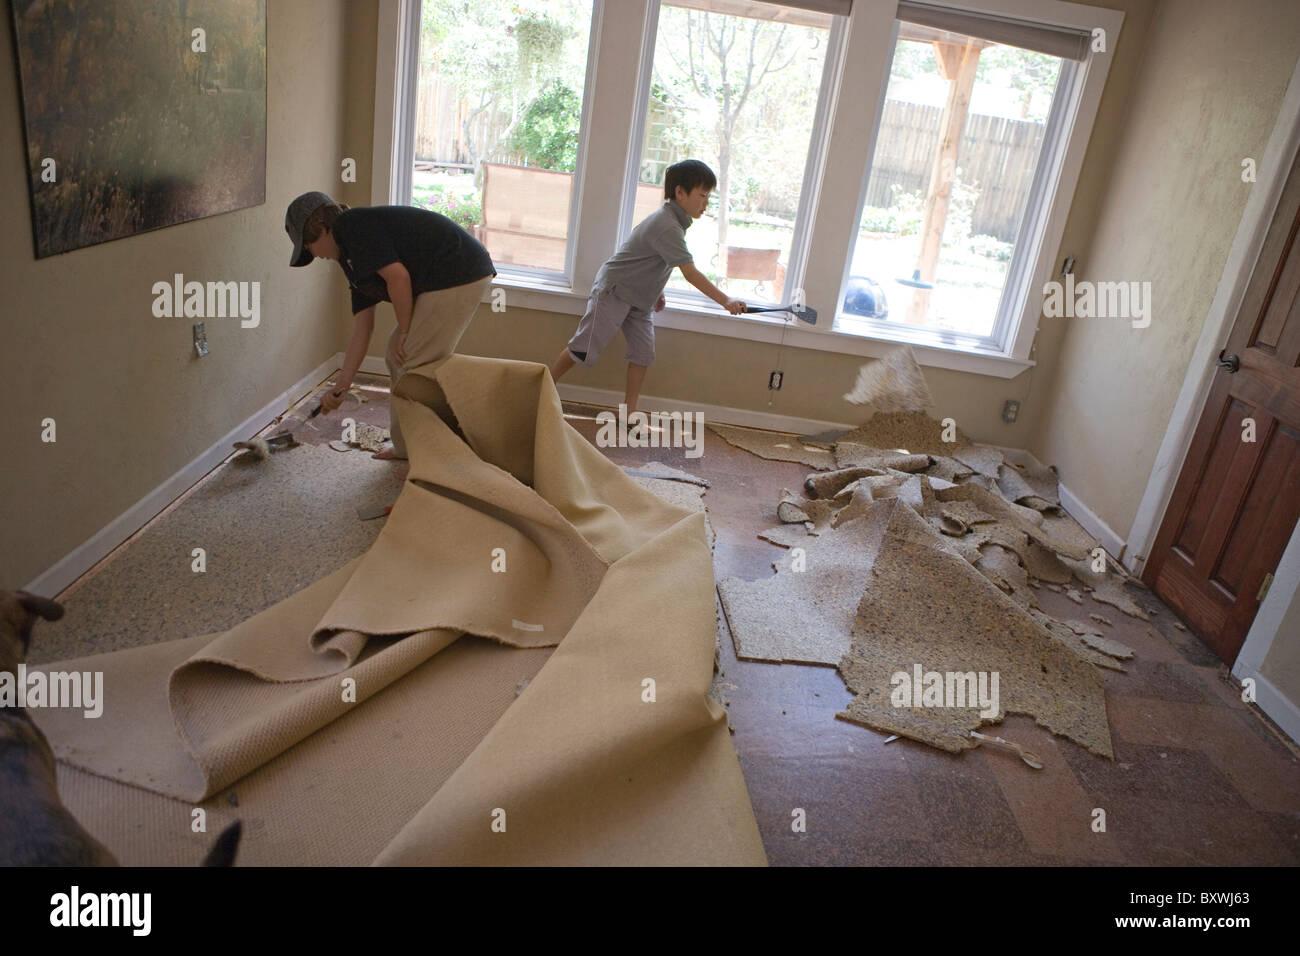 Zwei Jungen Dazu Ein Wohnzimmer Teppich Entfernen Off Schaben